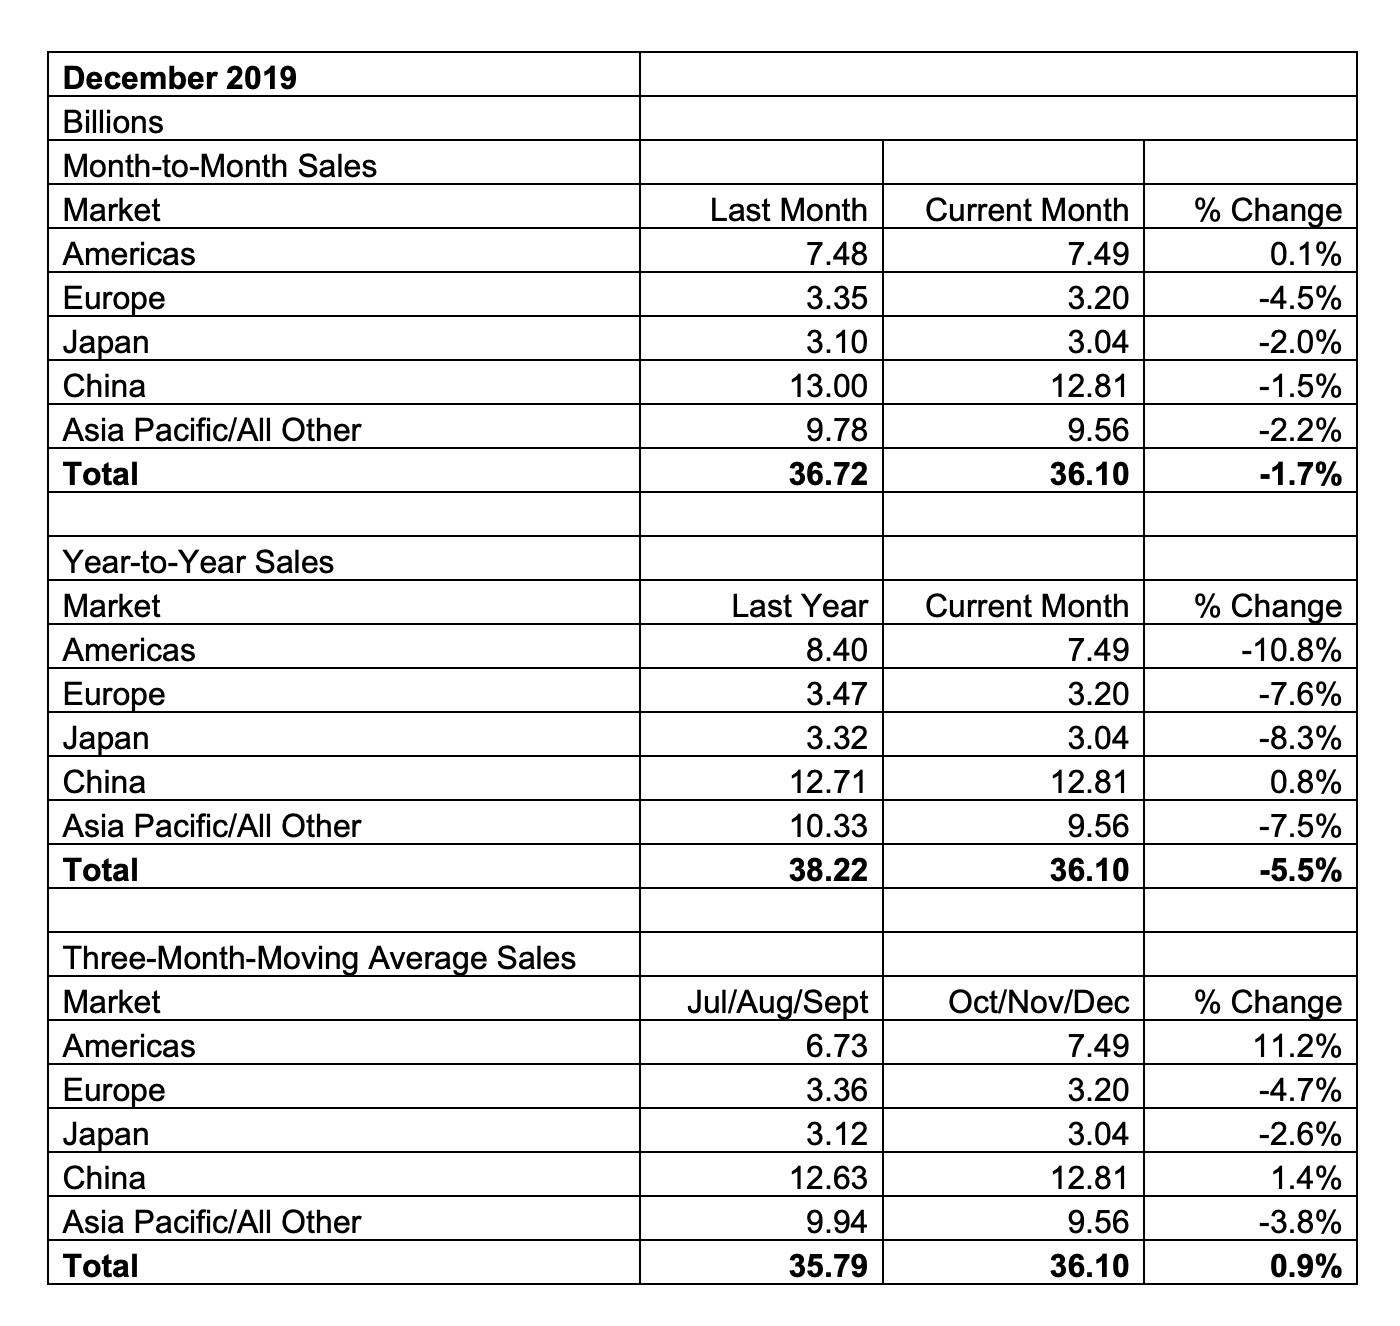 https://www.eda-express.com/%E3%82%B9%E3%82%AF%E3%83%AA%E3%83%BC%E3%83%B3%E3%82%B7%E3%83%A7%E3%83%83%E3%83%88%202020-02-05%209.29.09.png